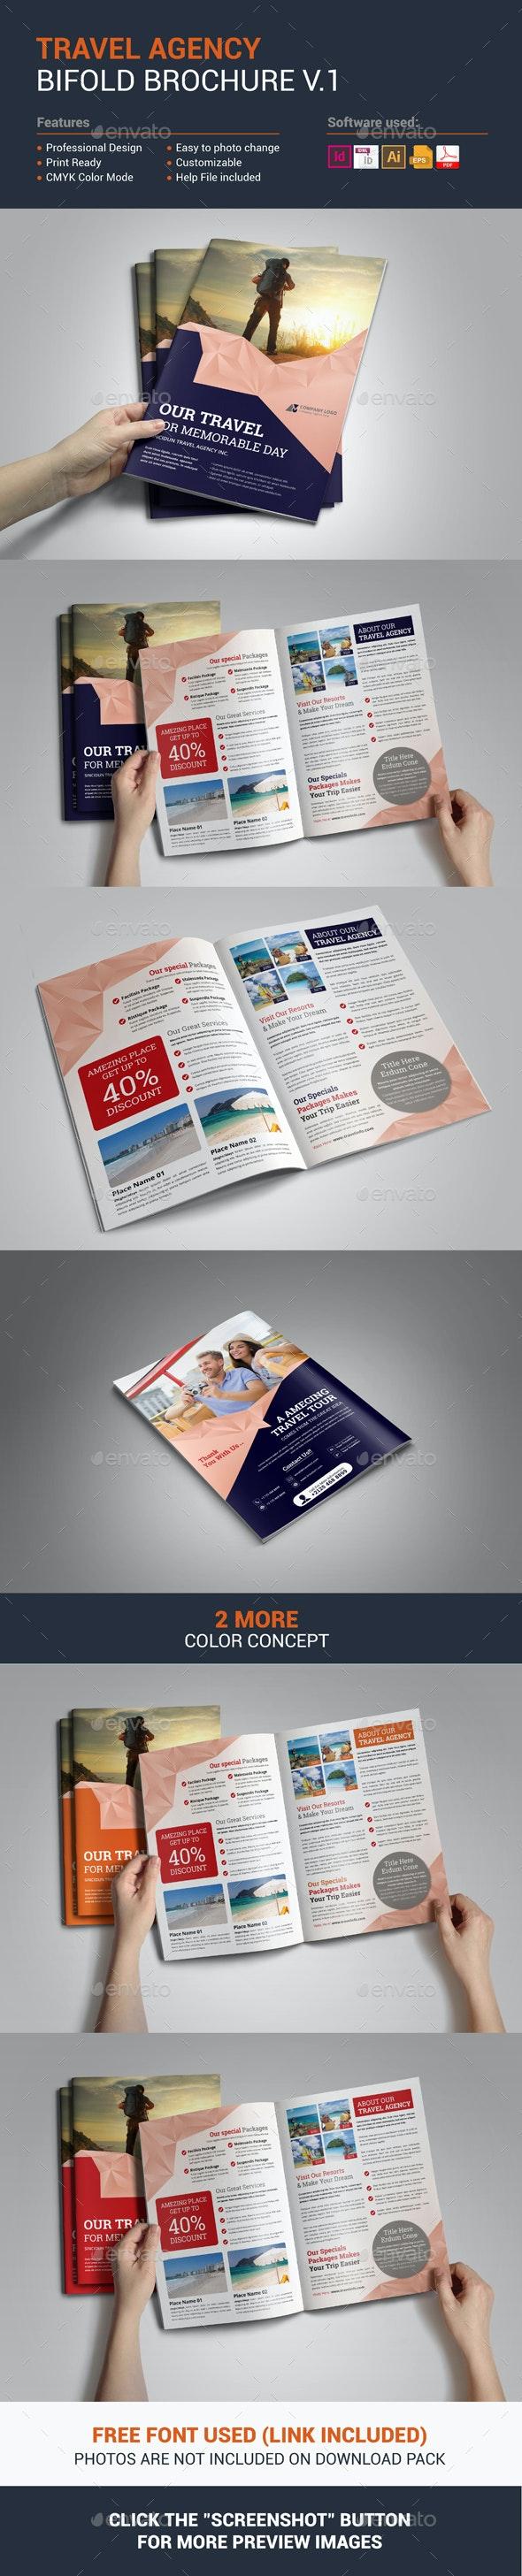 Travel Agency Brochure Design - Corporate Brochures